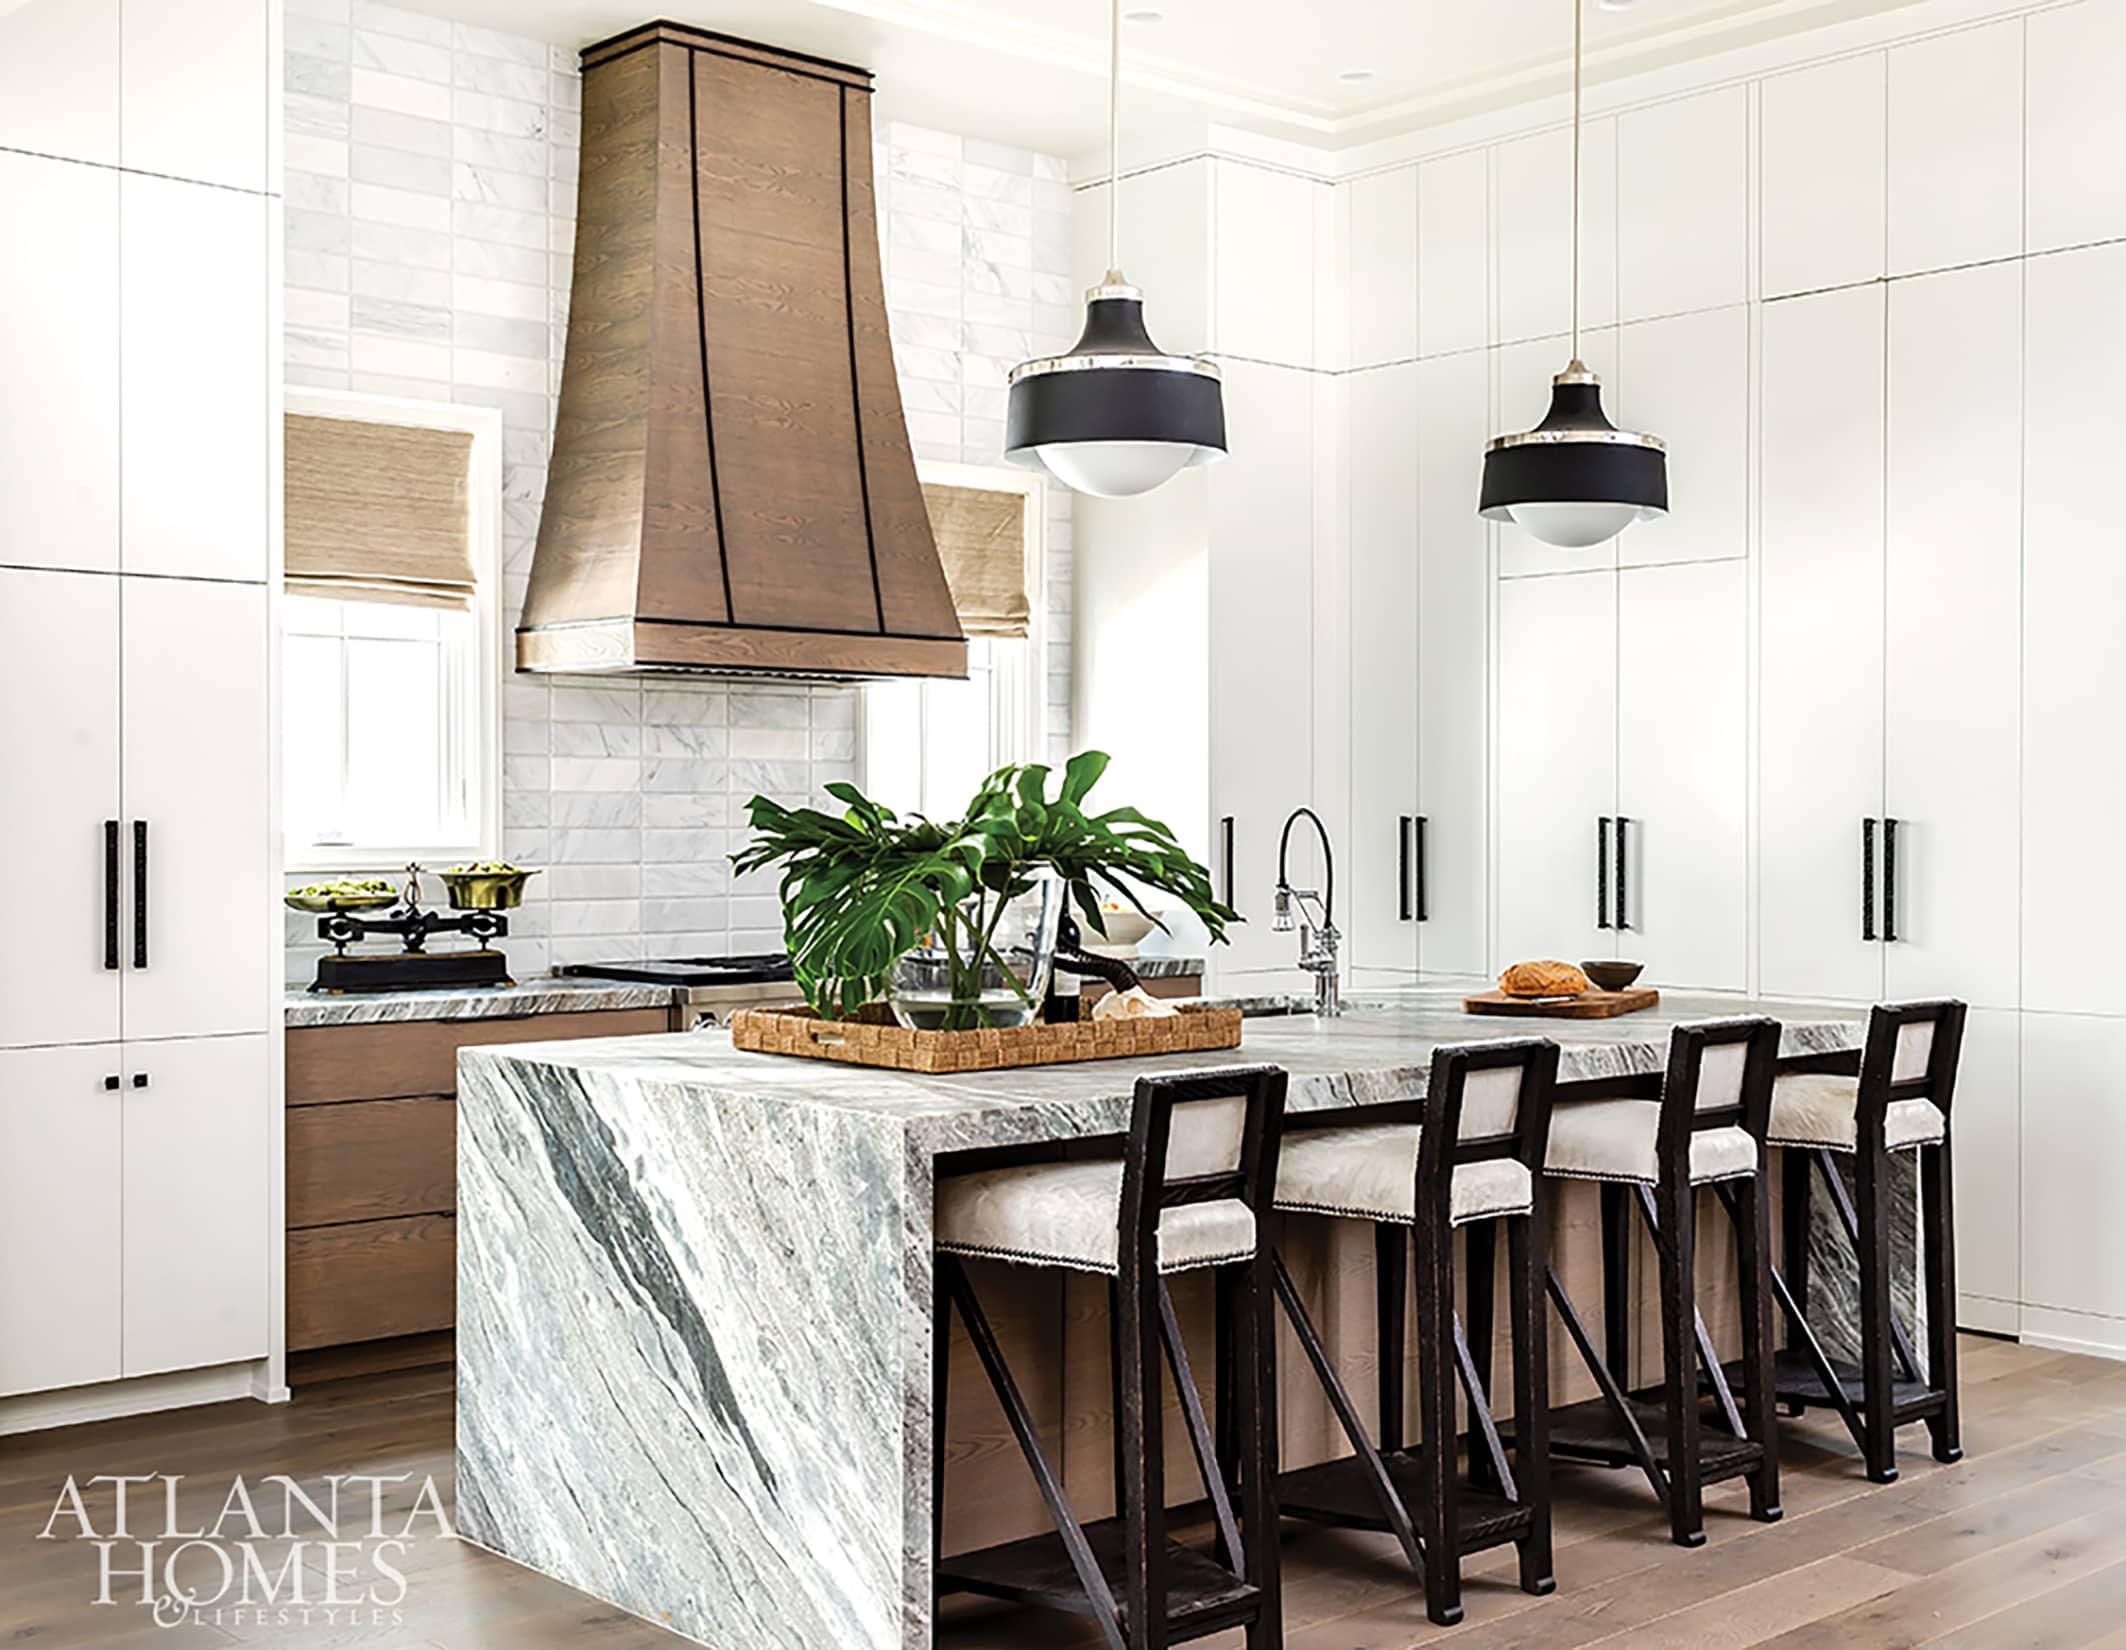 elizabeth ferguson kitchen atlanta homes and lifestyles cindy hattersley blog